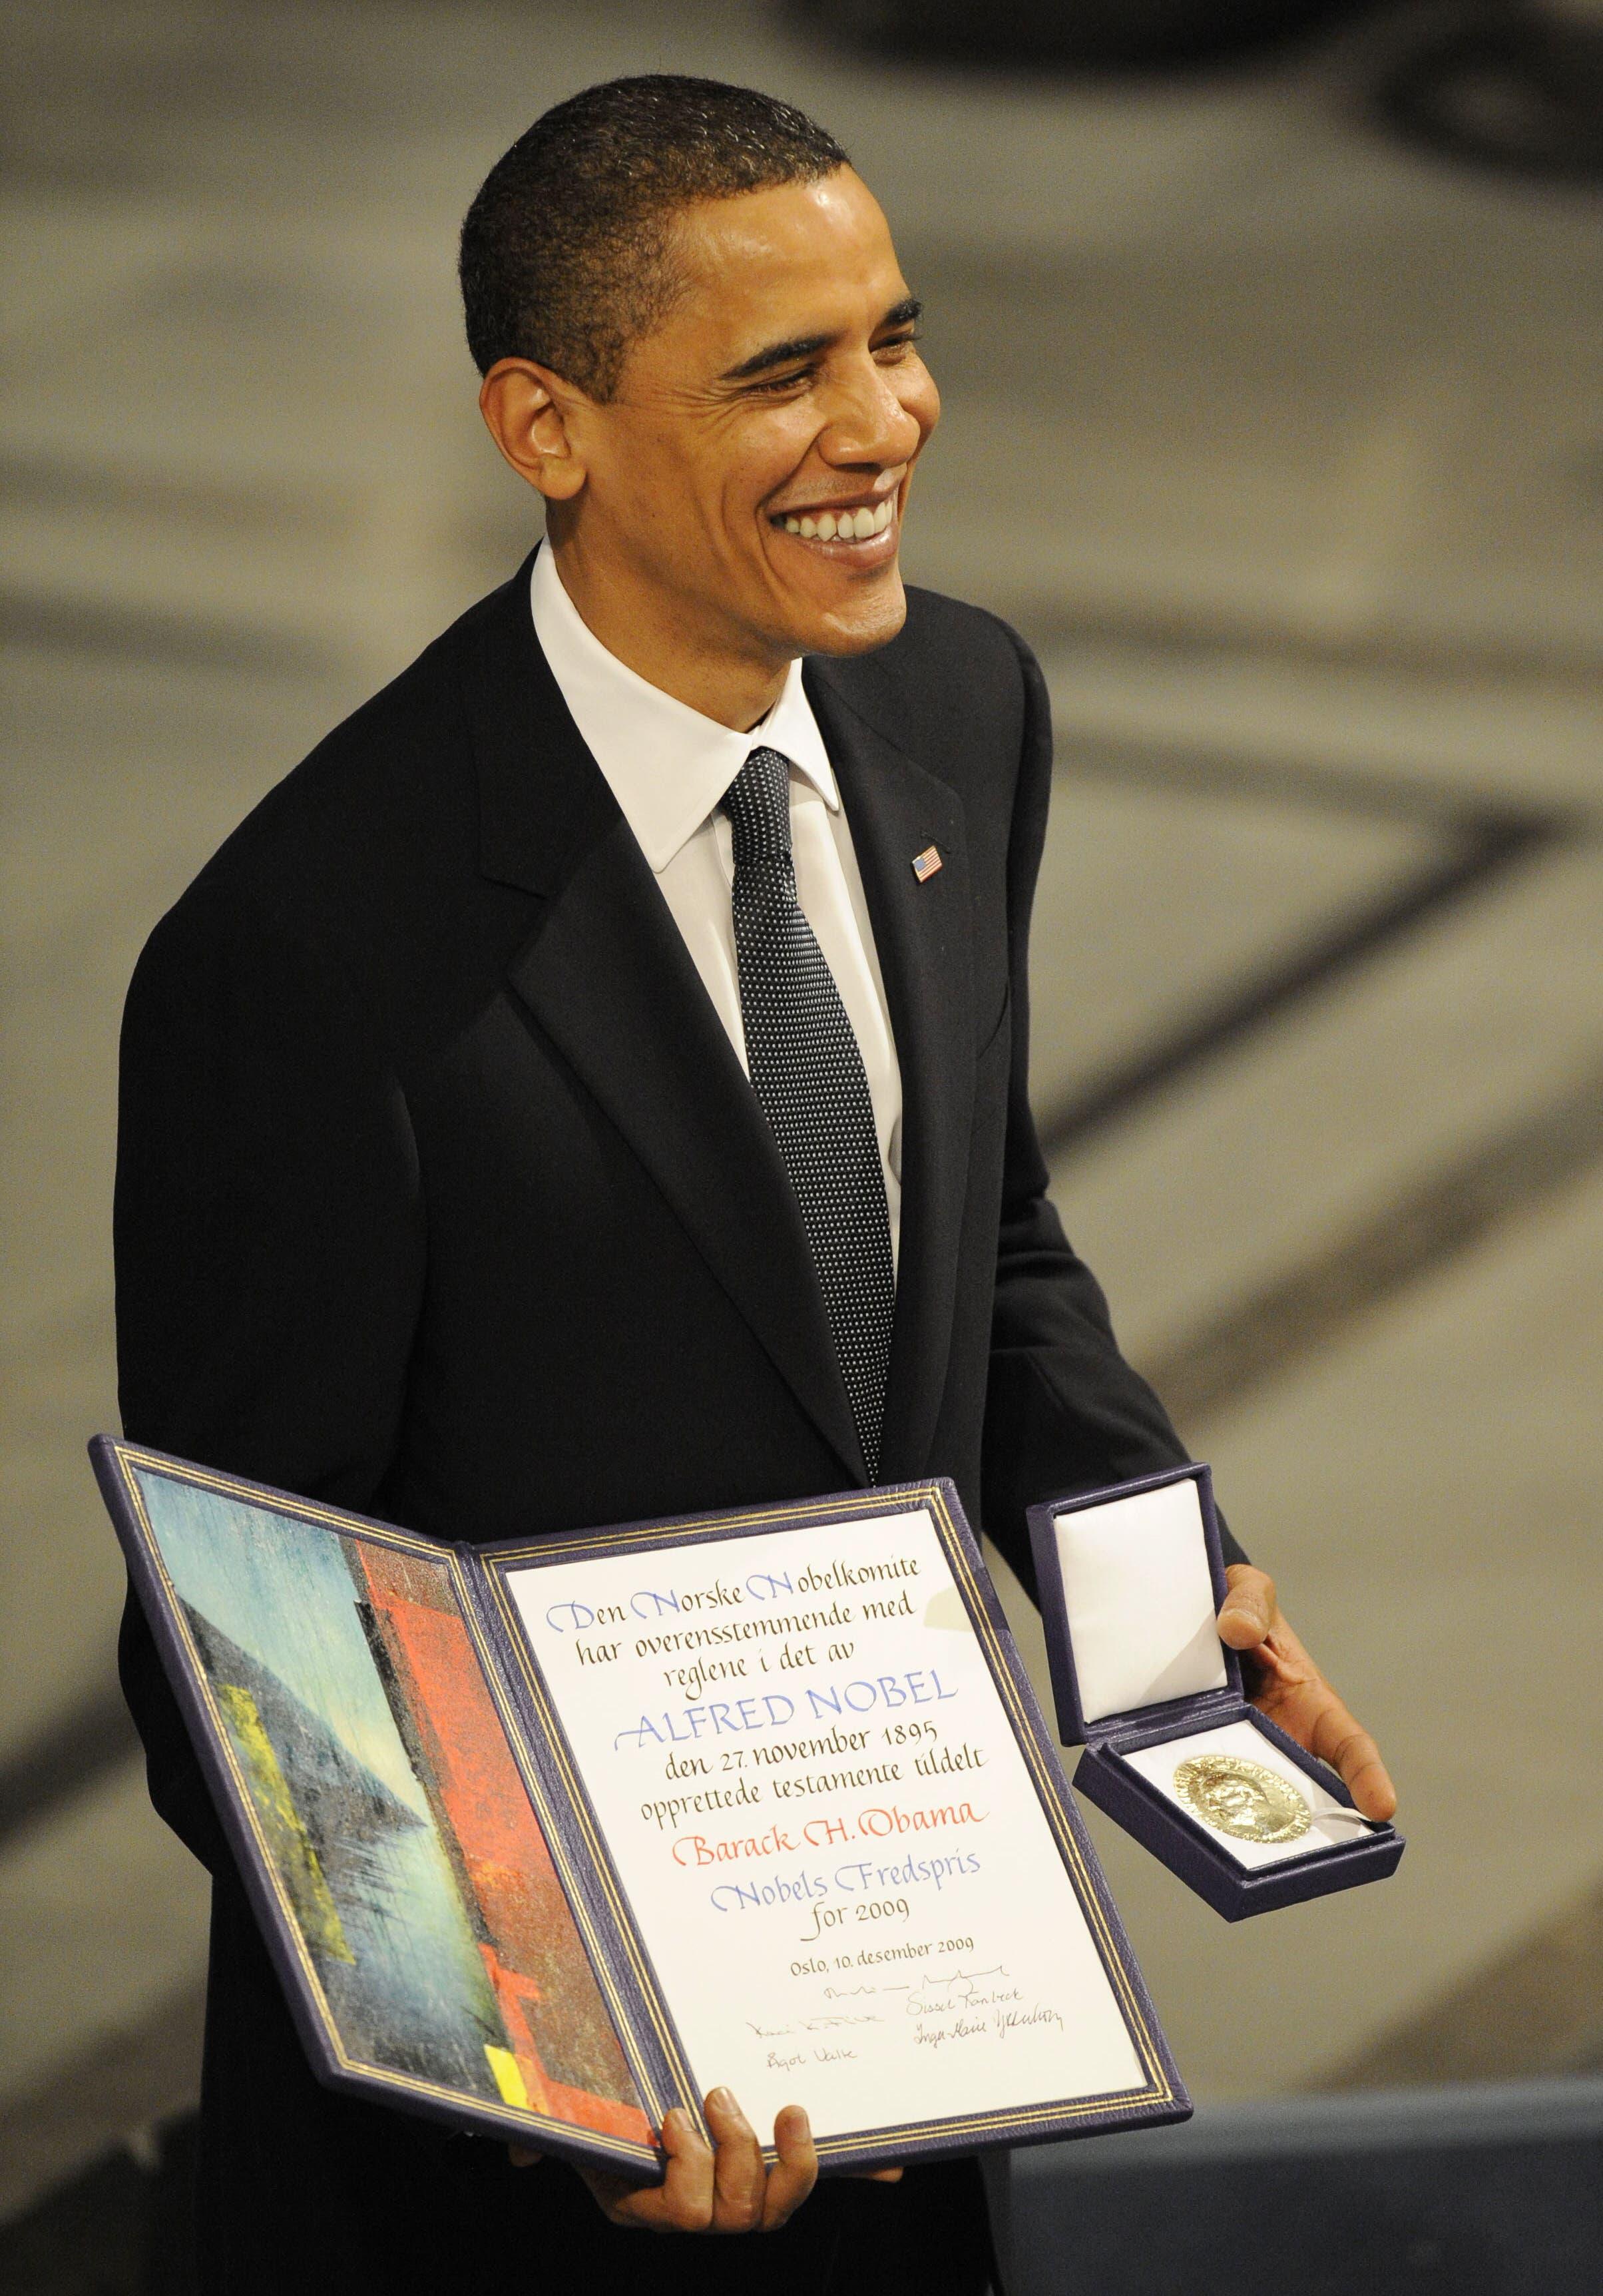 الرئيس الأميركي باراك أوباما الفائز بجائزة نوبل للسلام في 2019